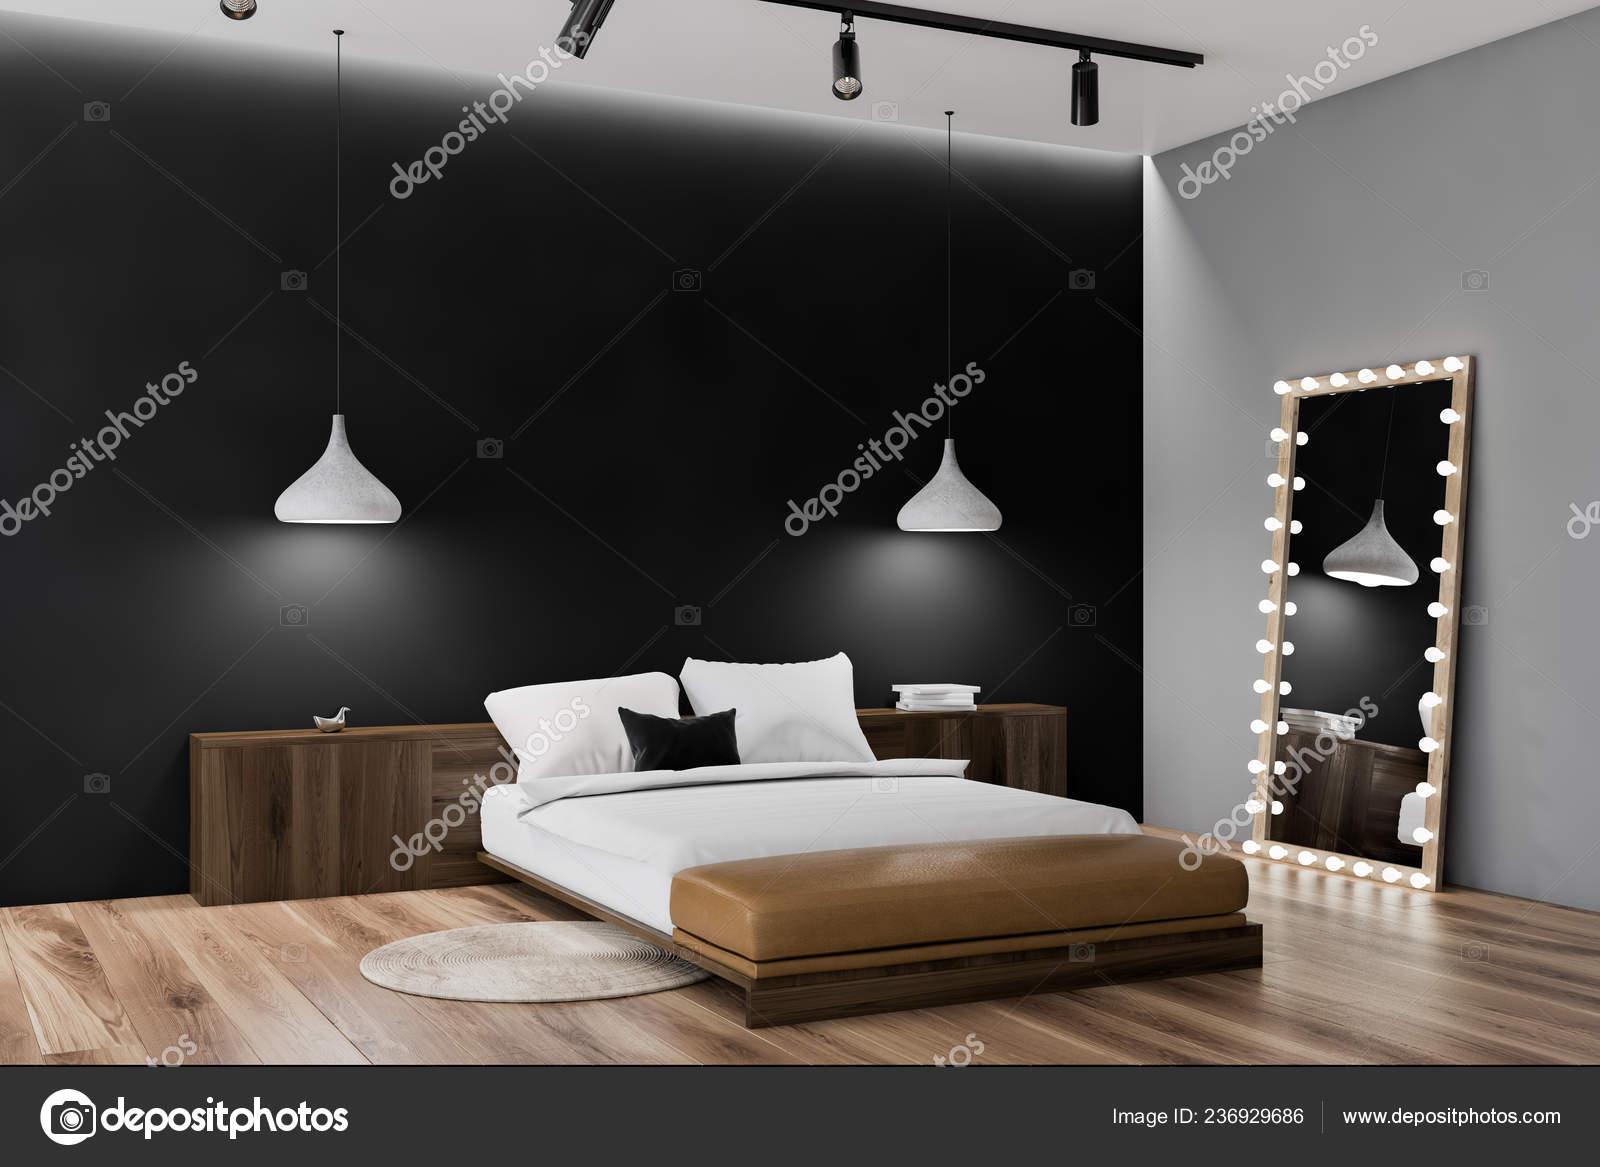 Narożnik Sypialnia Czarne Szare ściany Drewniane Podłogi